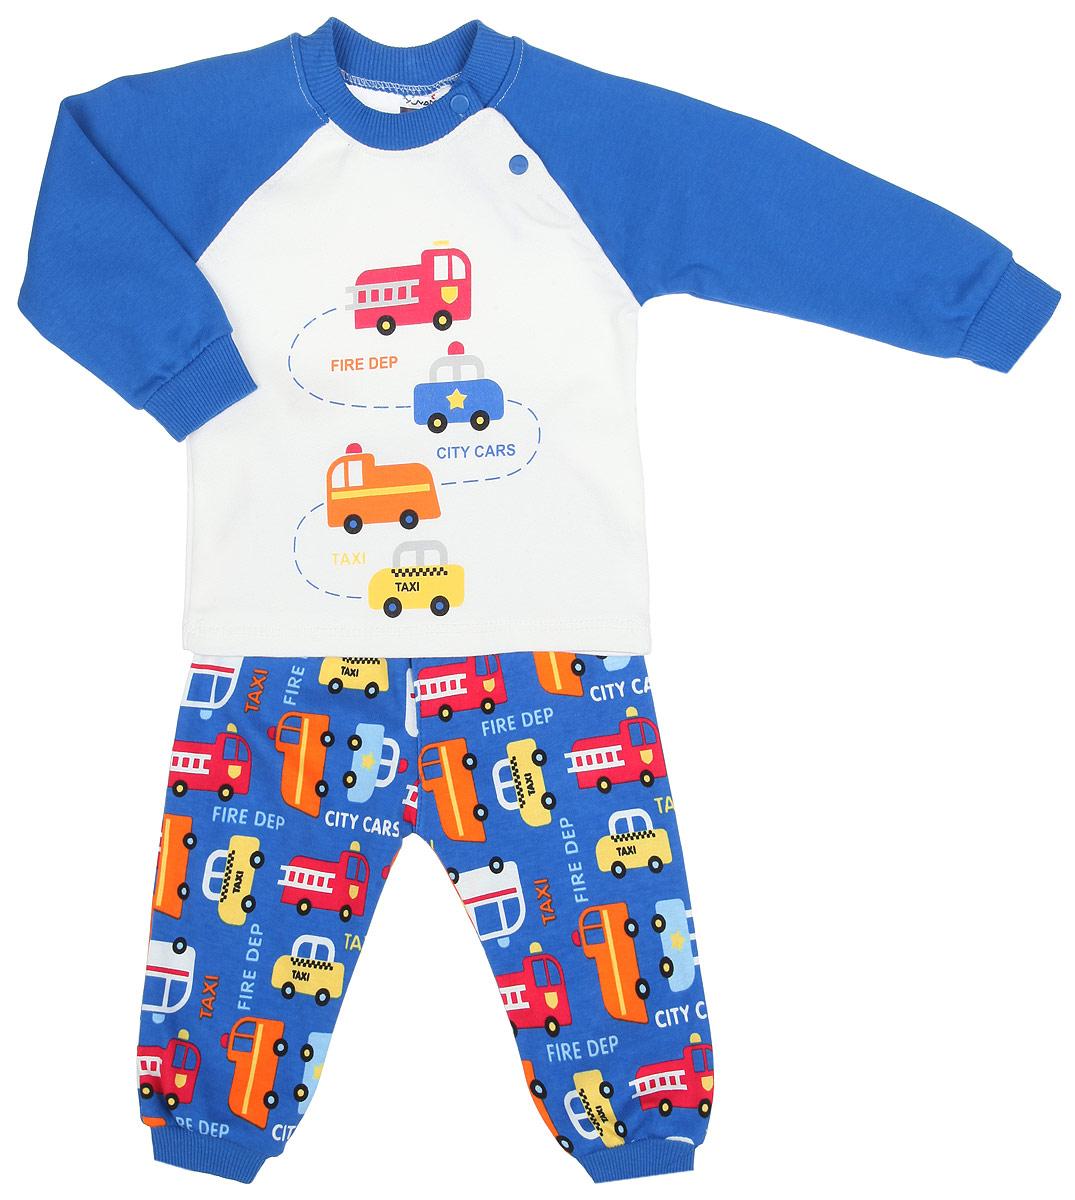 Комплект одежды1342-9Комплект одежды для мальчика Yuvam, состоящий из футболки с длинный рукавом и штанишек, станет отличным дополнением к детскому гардеробу. Комплект изготовлен из натурального хлопка, тактильно приятный, не раздражает нежную кожу ребенка и хорошо вентилируется, обеспечивая комфорт. Футболка с круглым вырезом горловины и длинными рукавами-реглан застегивается на кнопки по плечевому шву, что позволит легко переодеть малыша. Вырез горловины дополнен трикотажной резинкой. На рукавах имеются мягкие манжеты. Штанишки имеют на поясе мягкую эластичную резинку, благодаря чему они не сдавливают животик ребенка и не сползают. На брючинах предусмотрены манжеты. Оформлено изделие принтом с изображением машинок и принтовыми надписями. В таком комплекте ребенок всегда будет в центре внимания!